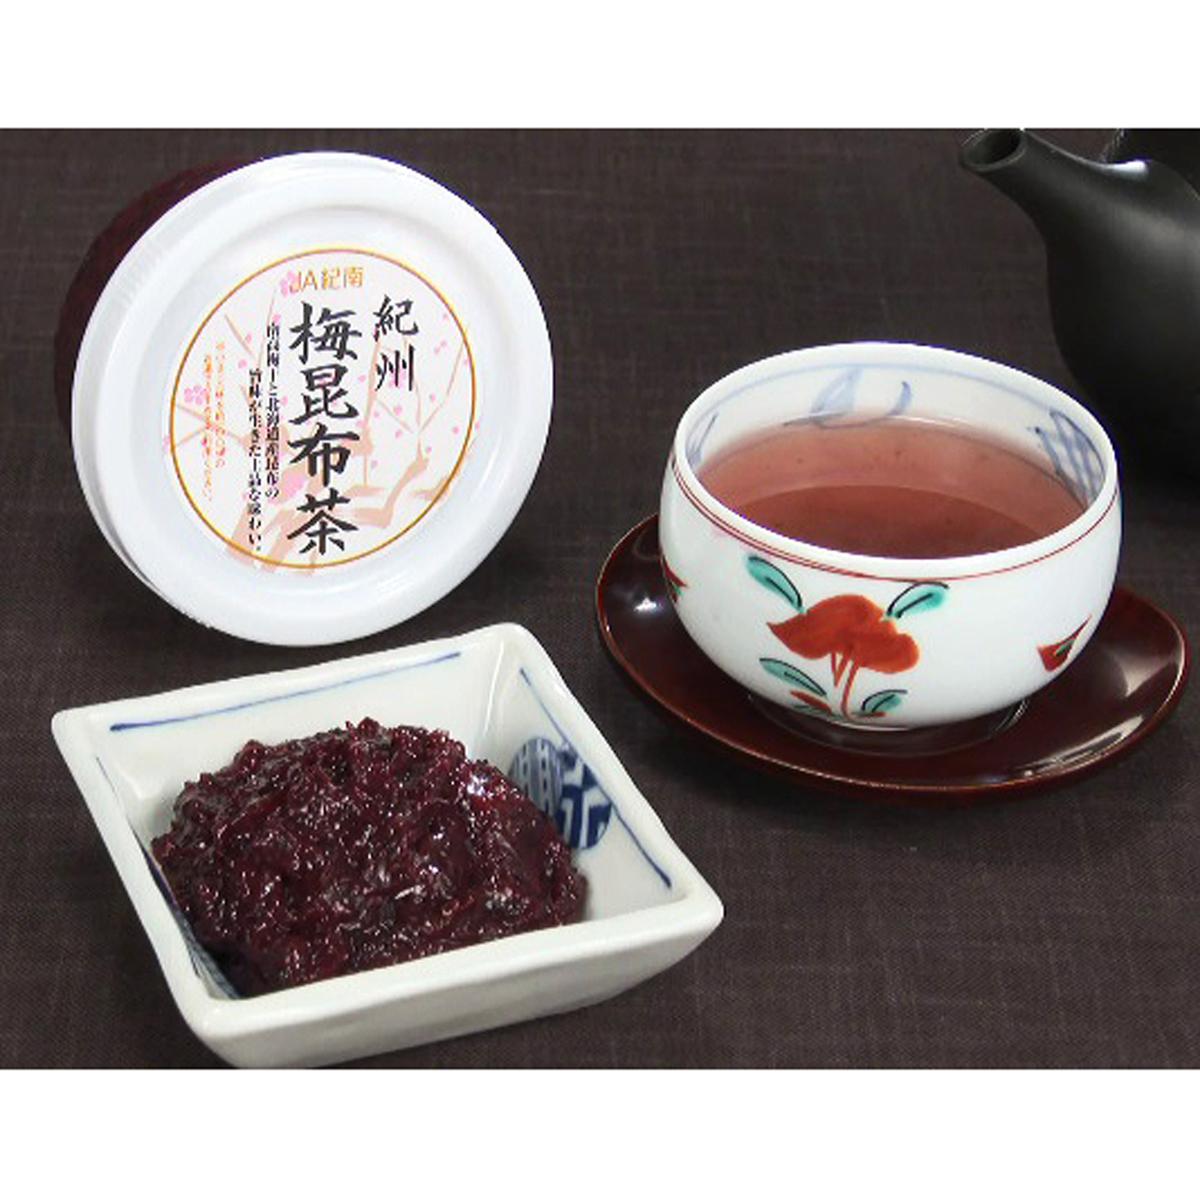 JA紀南 紀州南高梅使用梅昆布茶200g×3